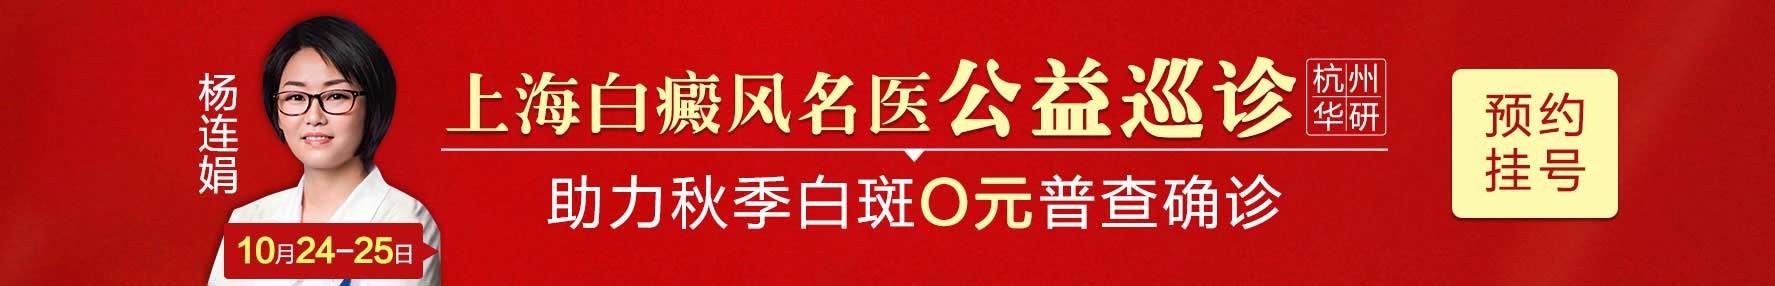 杭州华研白癜风病医院